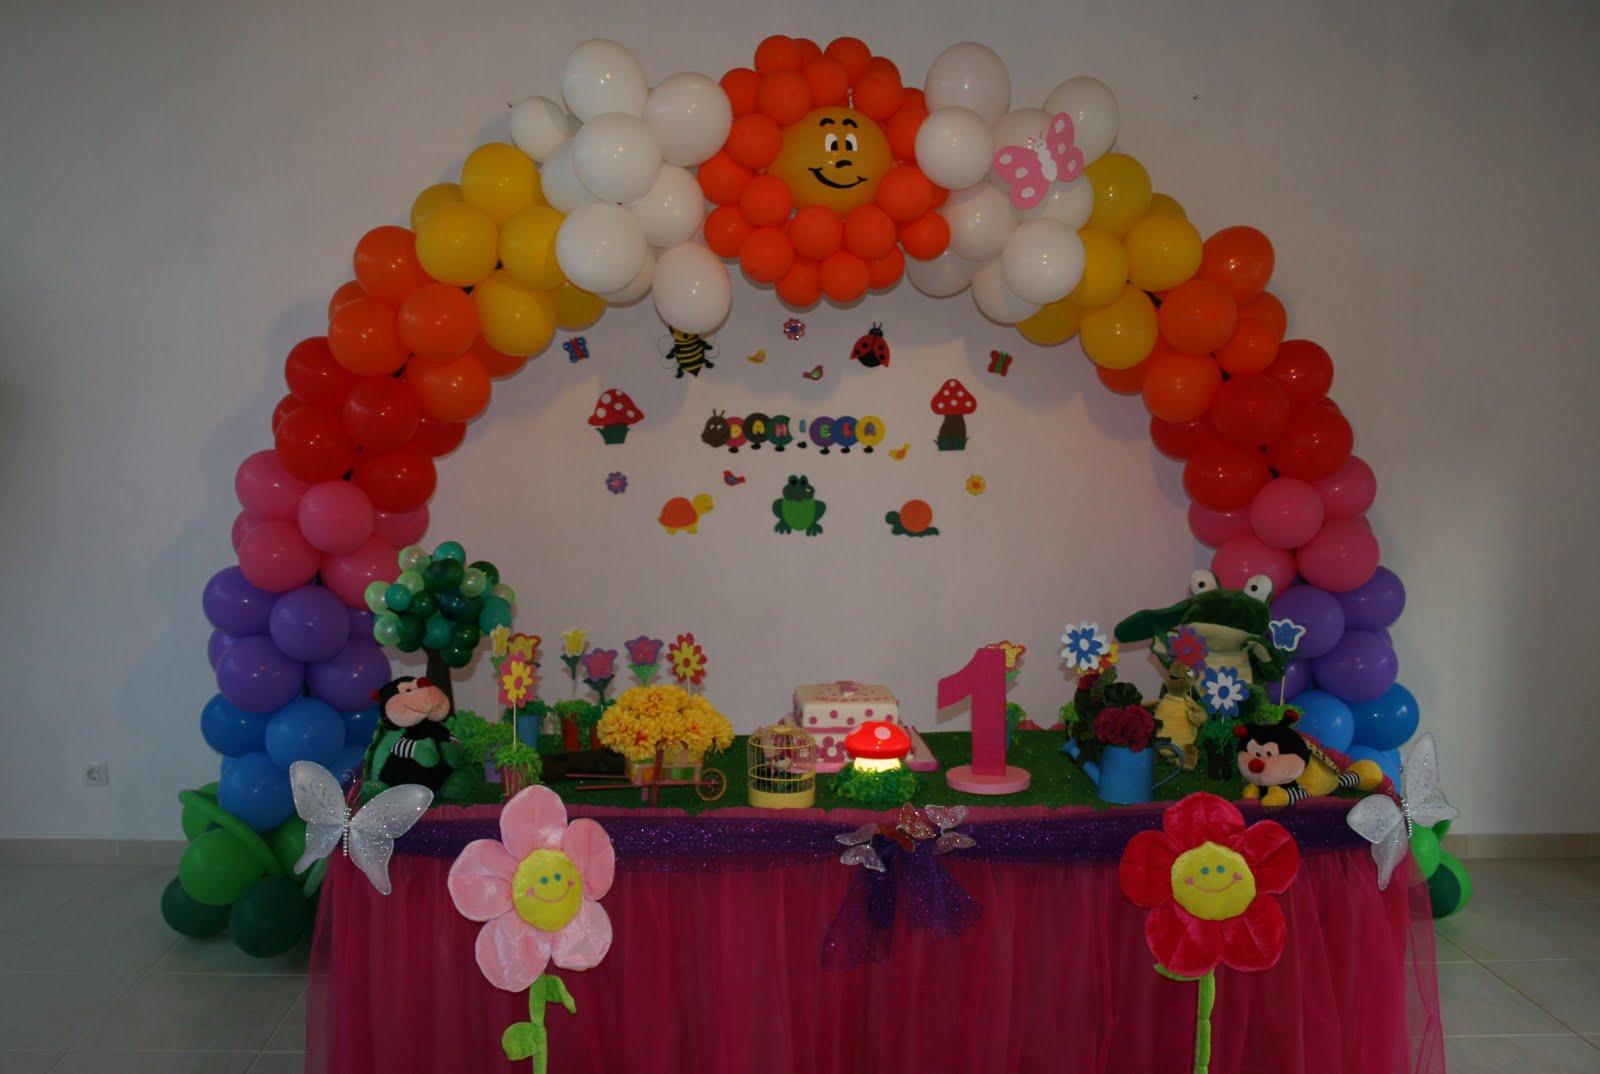 de Festas e Organização de Eventos Decoração Jardim Encantado